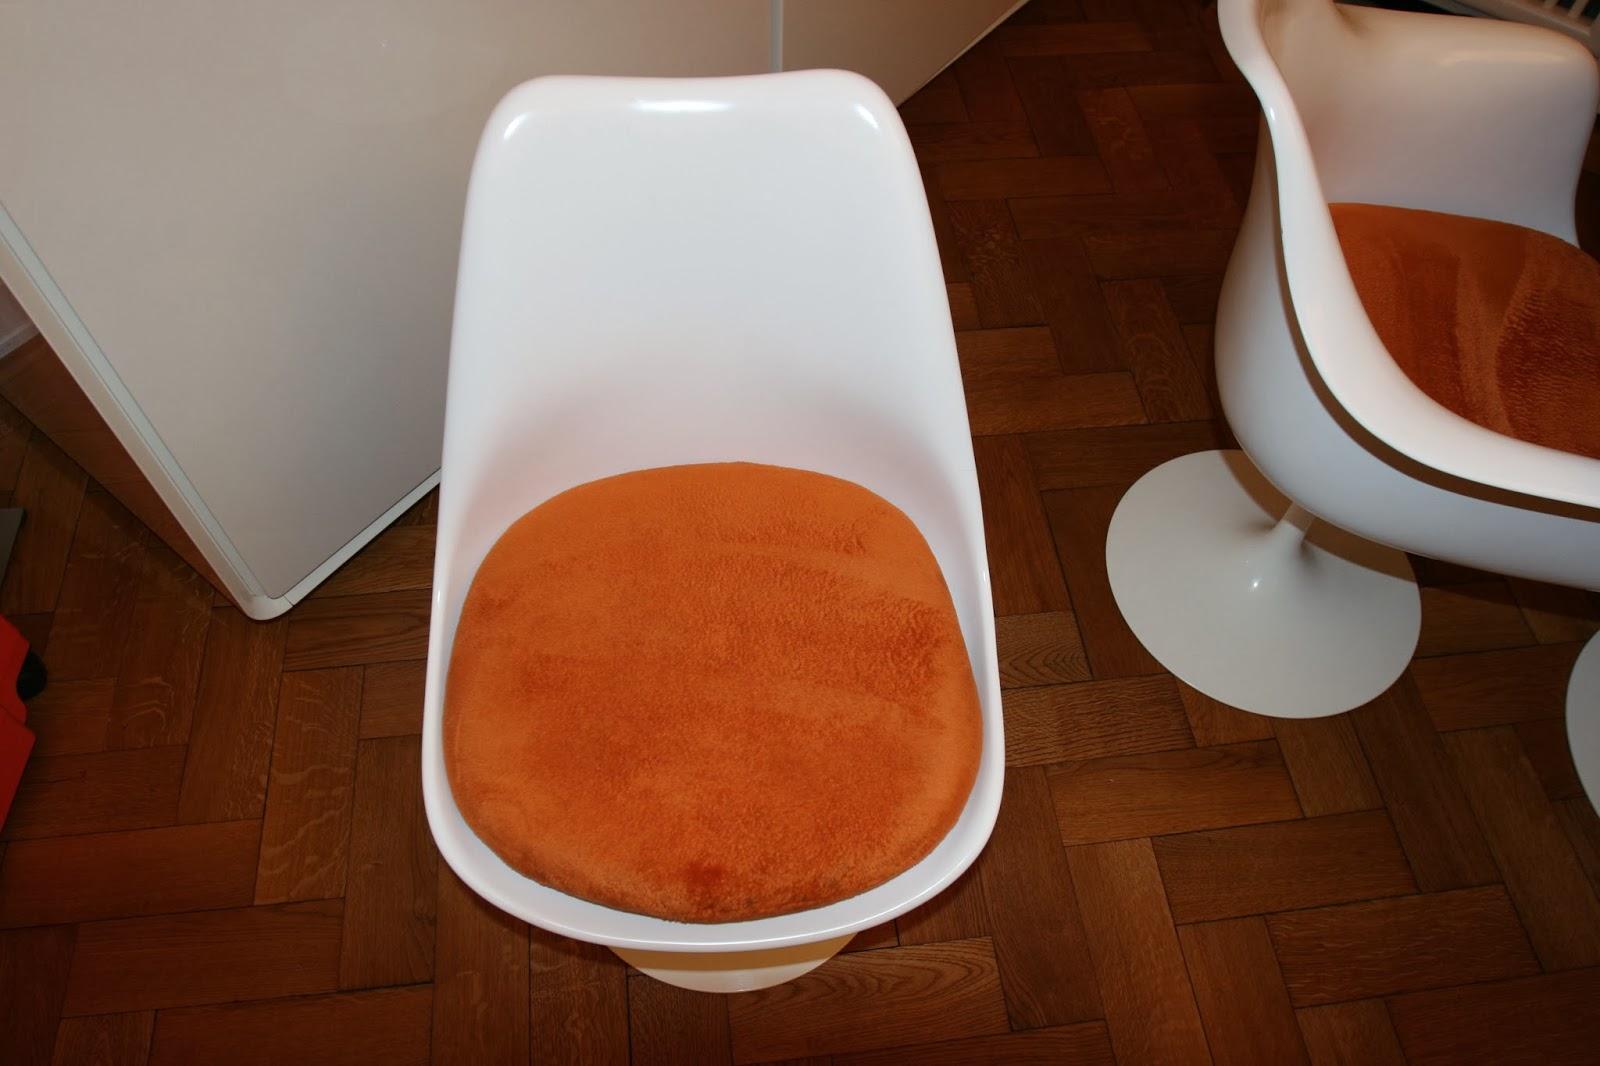 Gebrauchte sthle wei glastisch im mit leder sthlen total - Buromobel gebraucht frankfurt ...